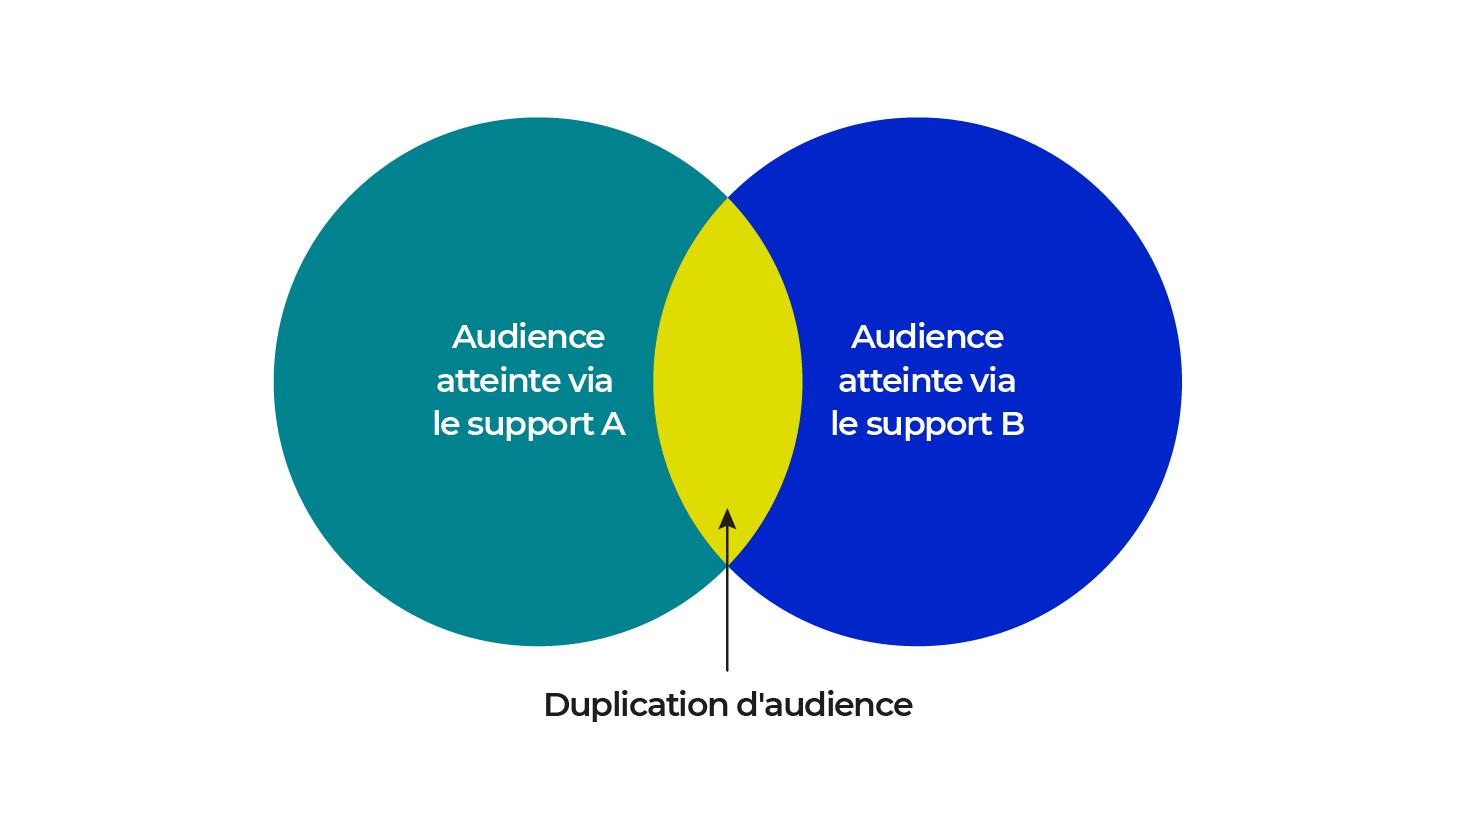 Schéma duplication d'audience représentant 2 cercles audience du support A et audience du support B qui se rejoignent. La partie commune est appelée la duplication d'audience.